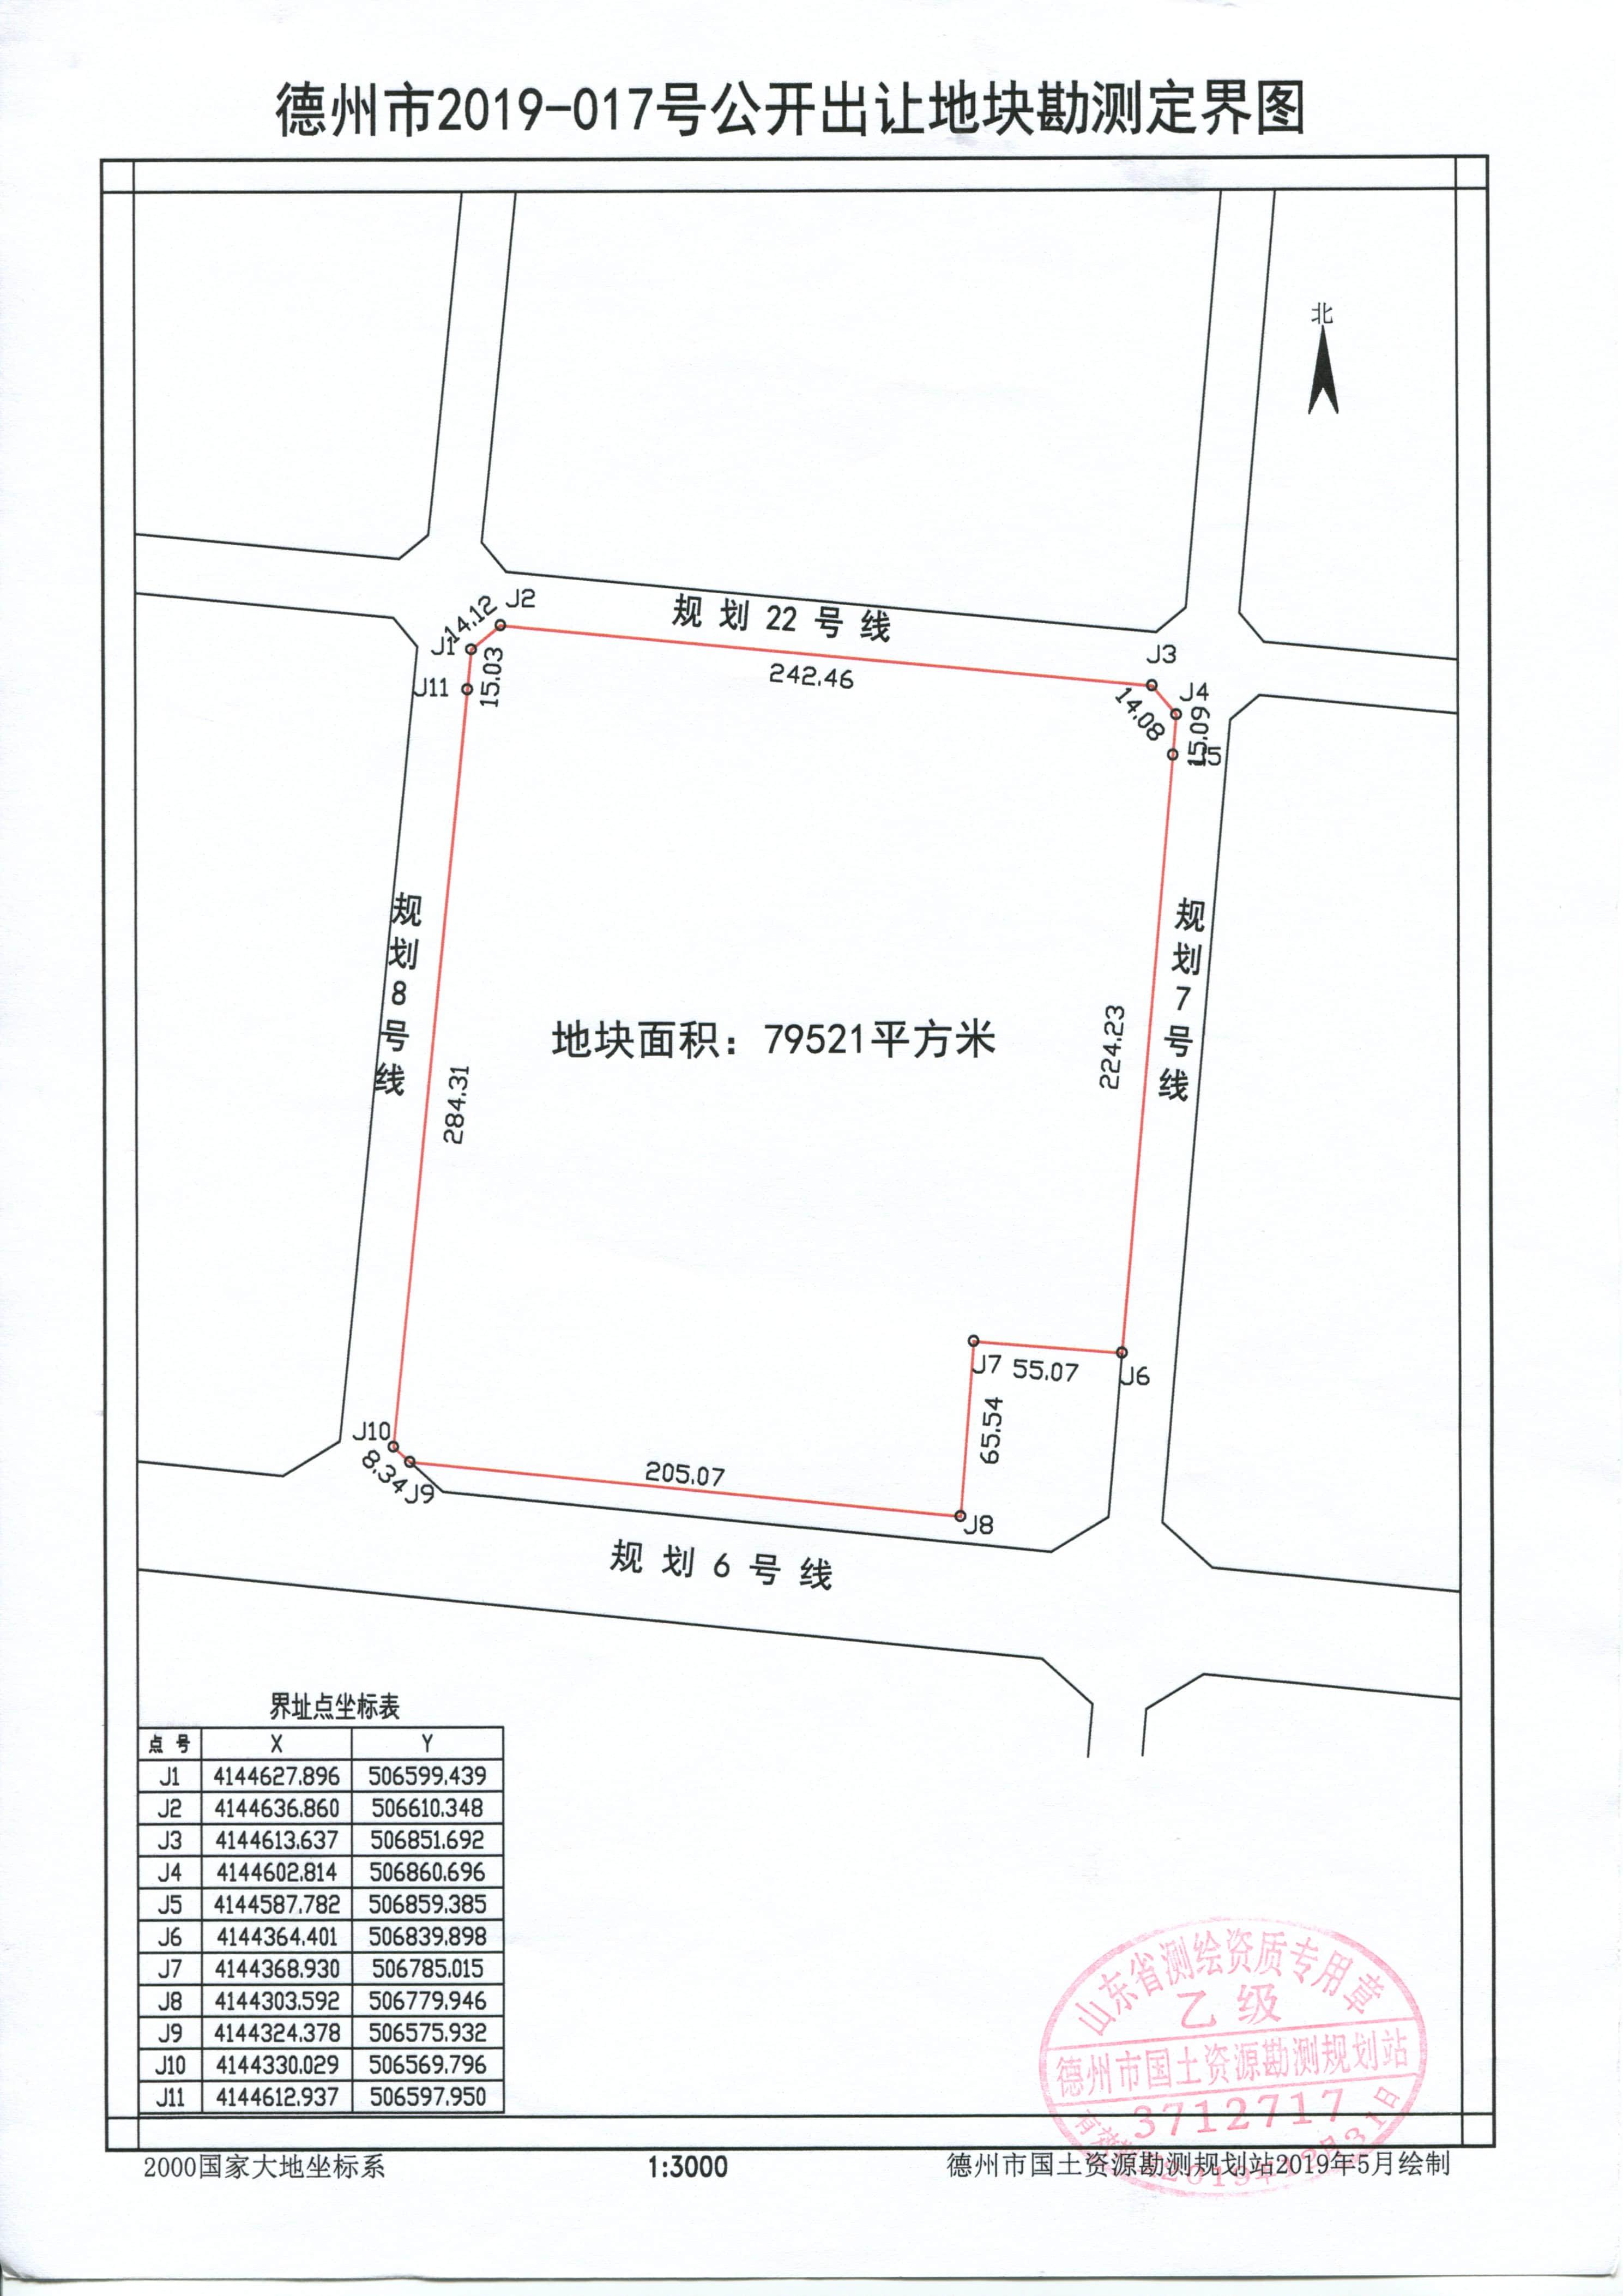 东七里铺勘测定界图001.jpg